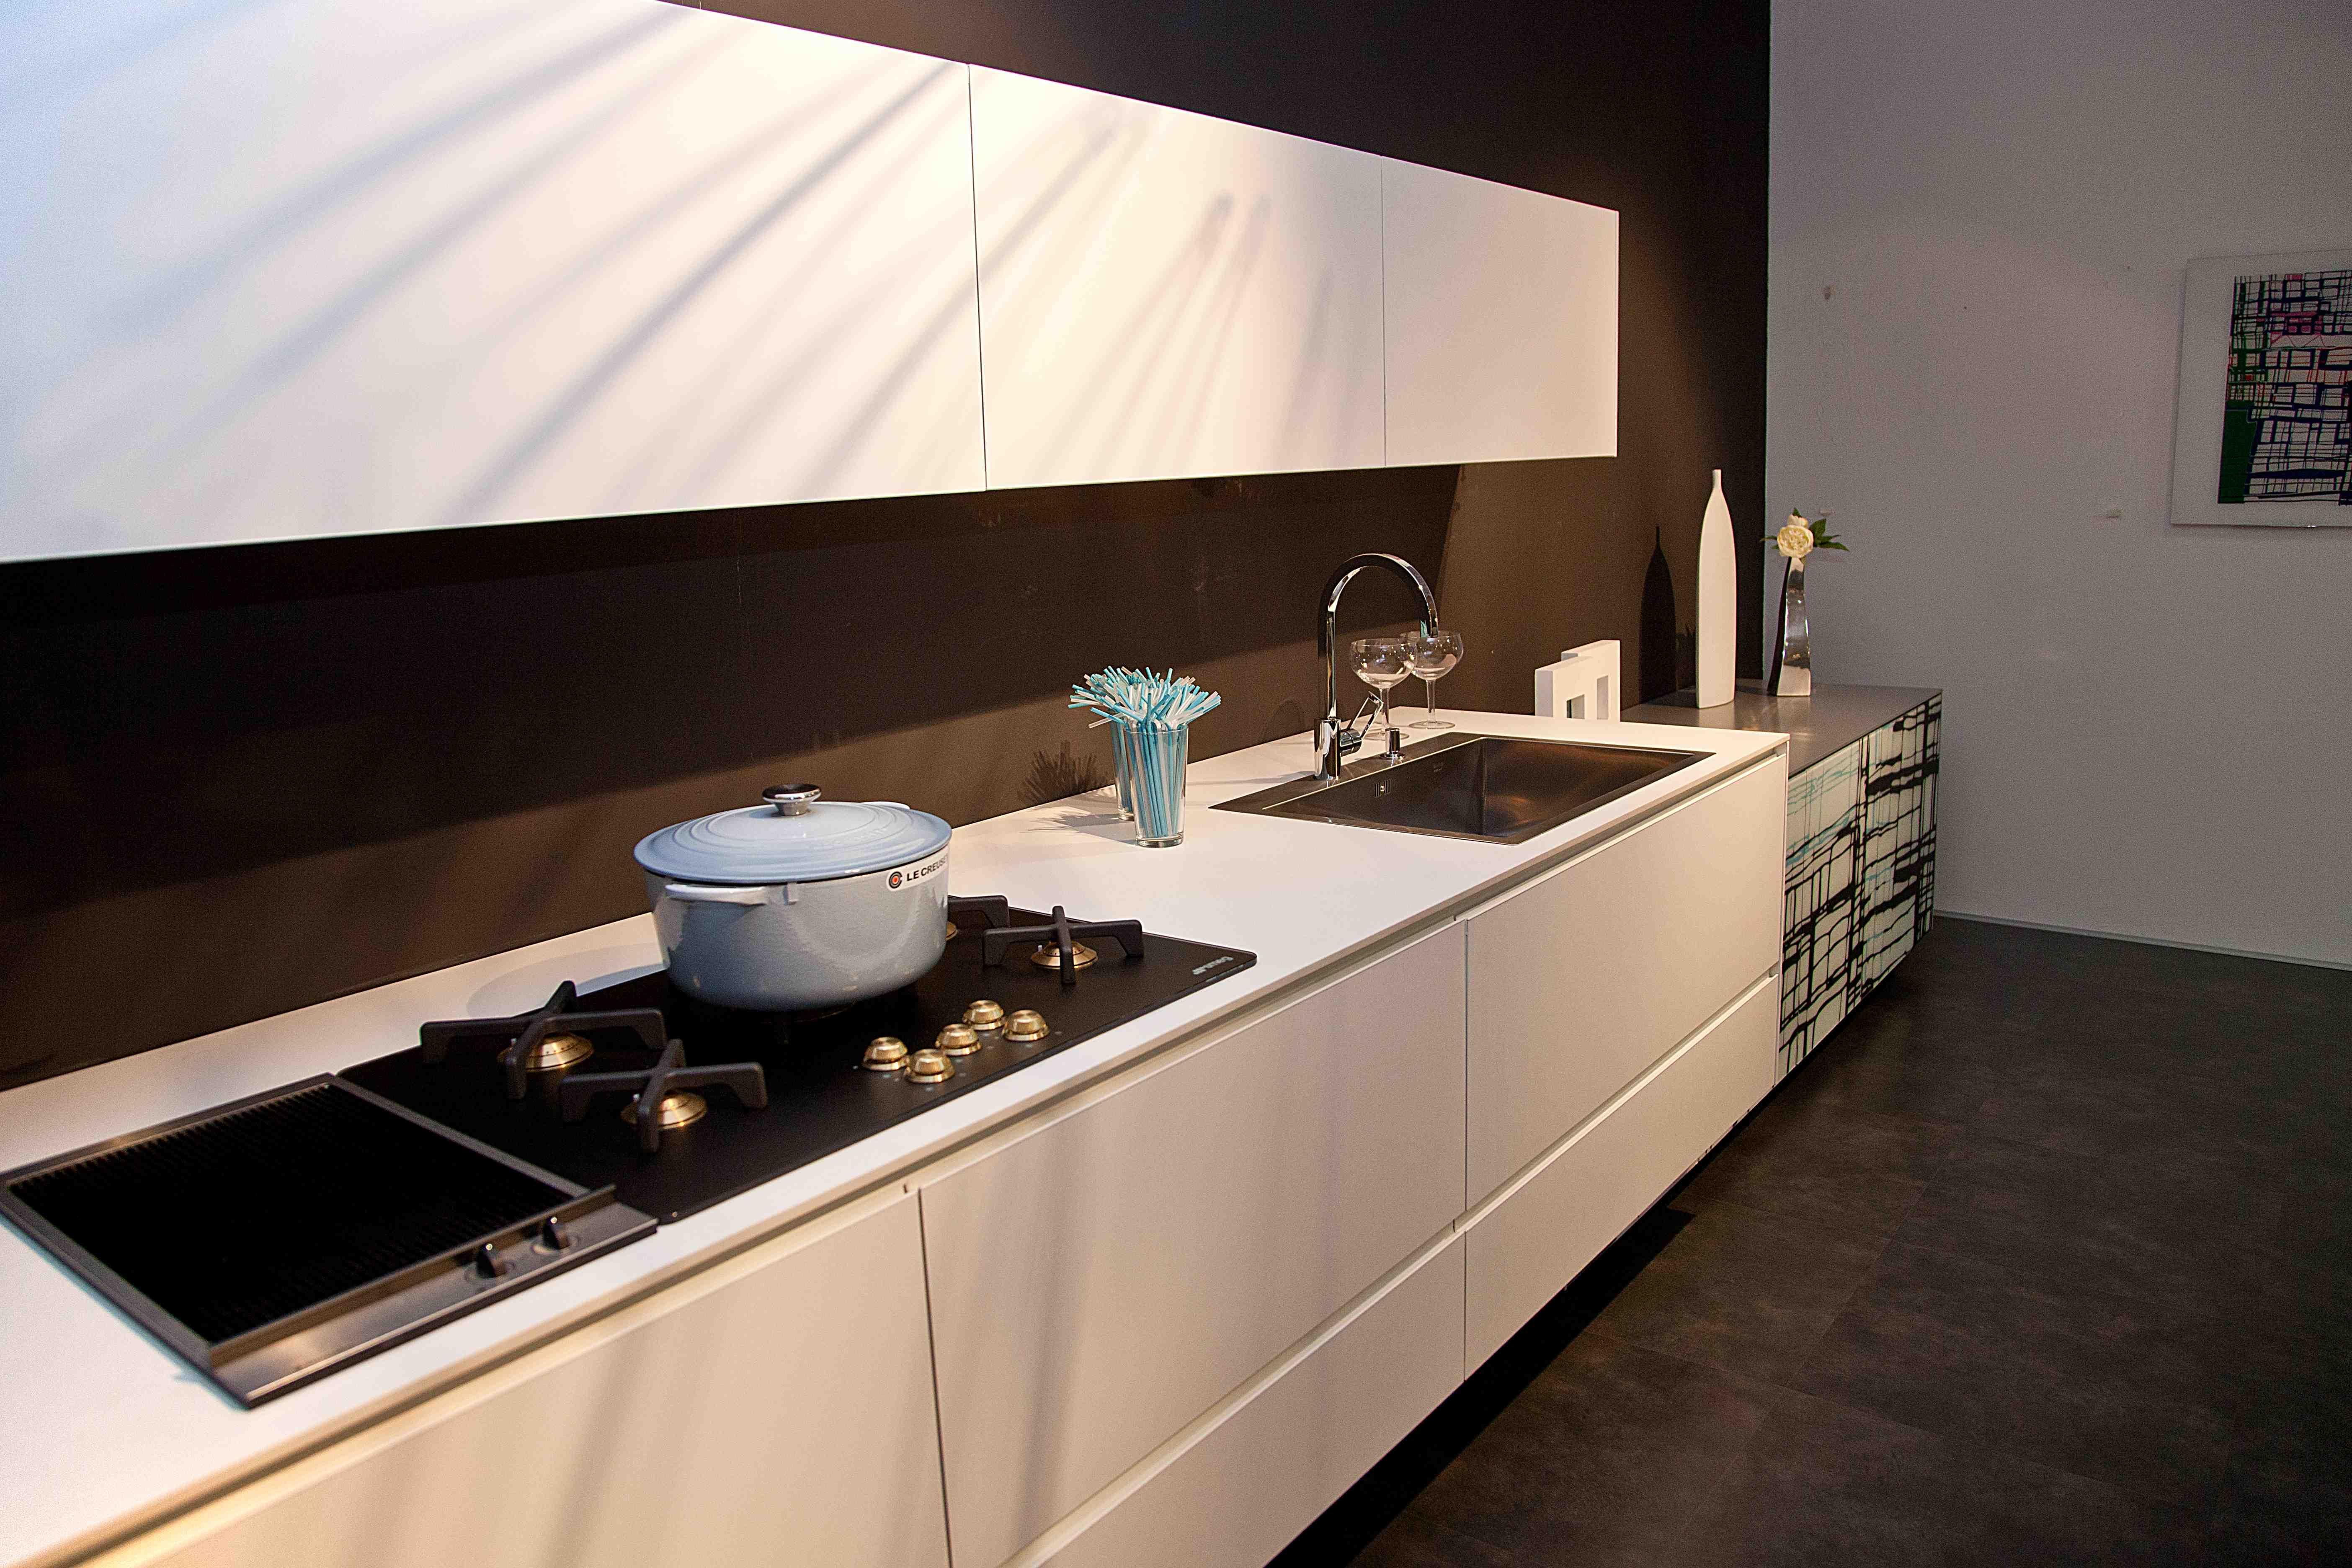 Valcucine Cucina Riciclantica Laminato Full Color Grigio E Bianco  #8E623D 5616 3744 Top Cucina In Laminato Opinioni